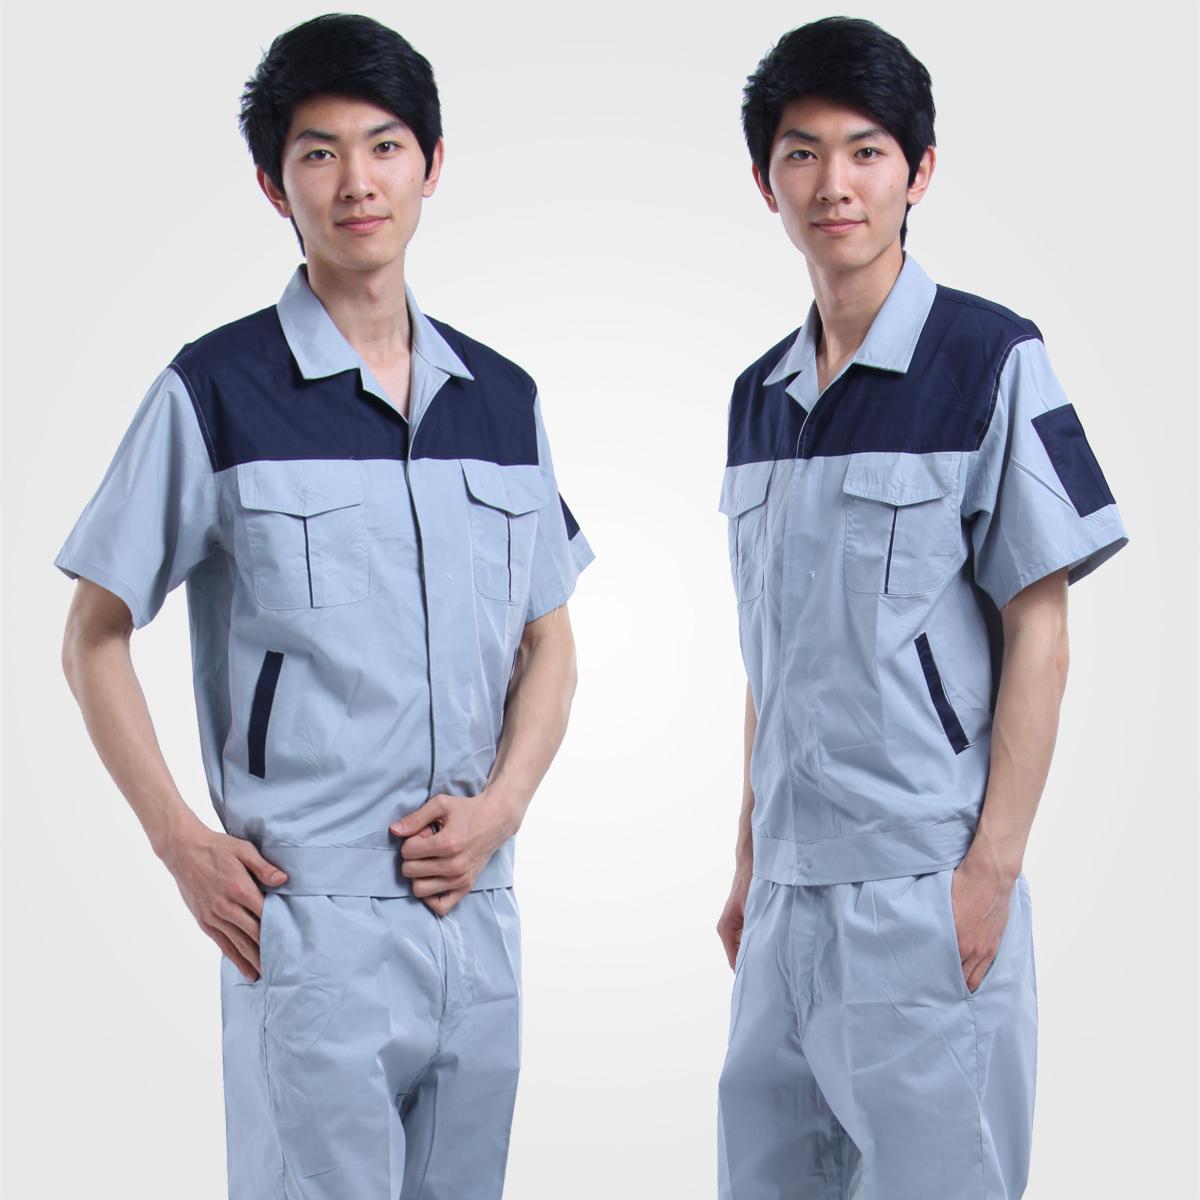 Mẫu đồng phục bảo hộ công ty tay ngắn màu xanh nhạt viền xanh đen